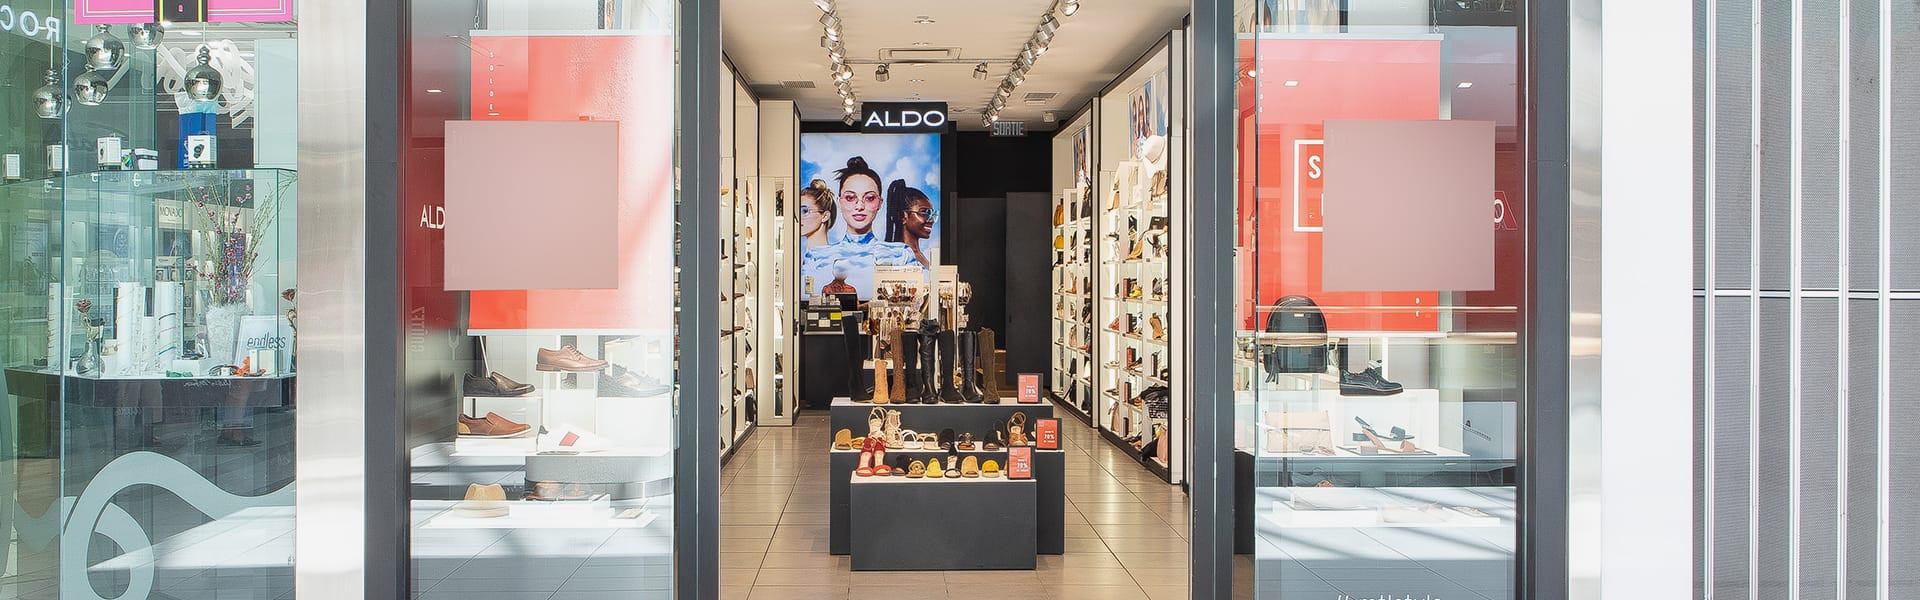 Aldo - Alexis Nihon